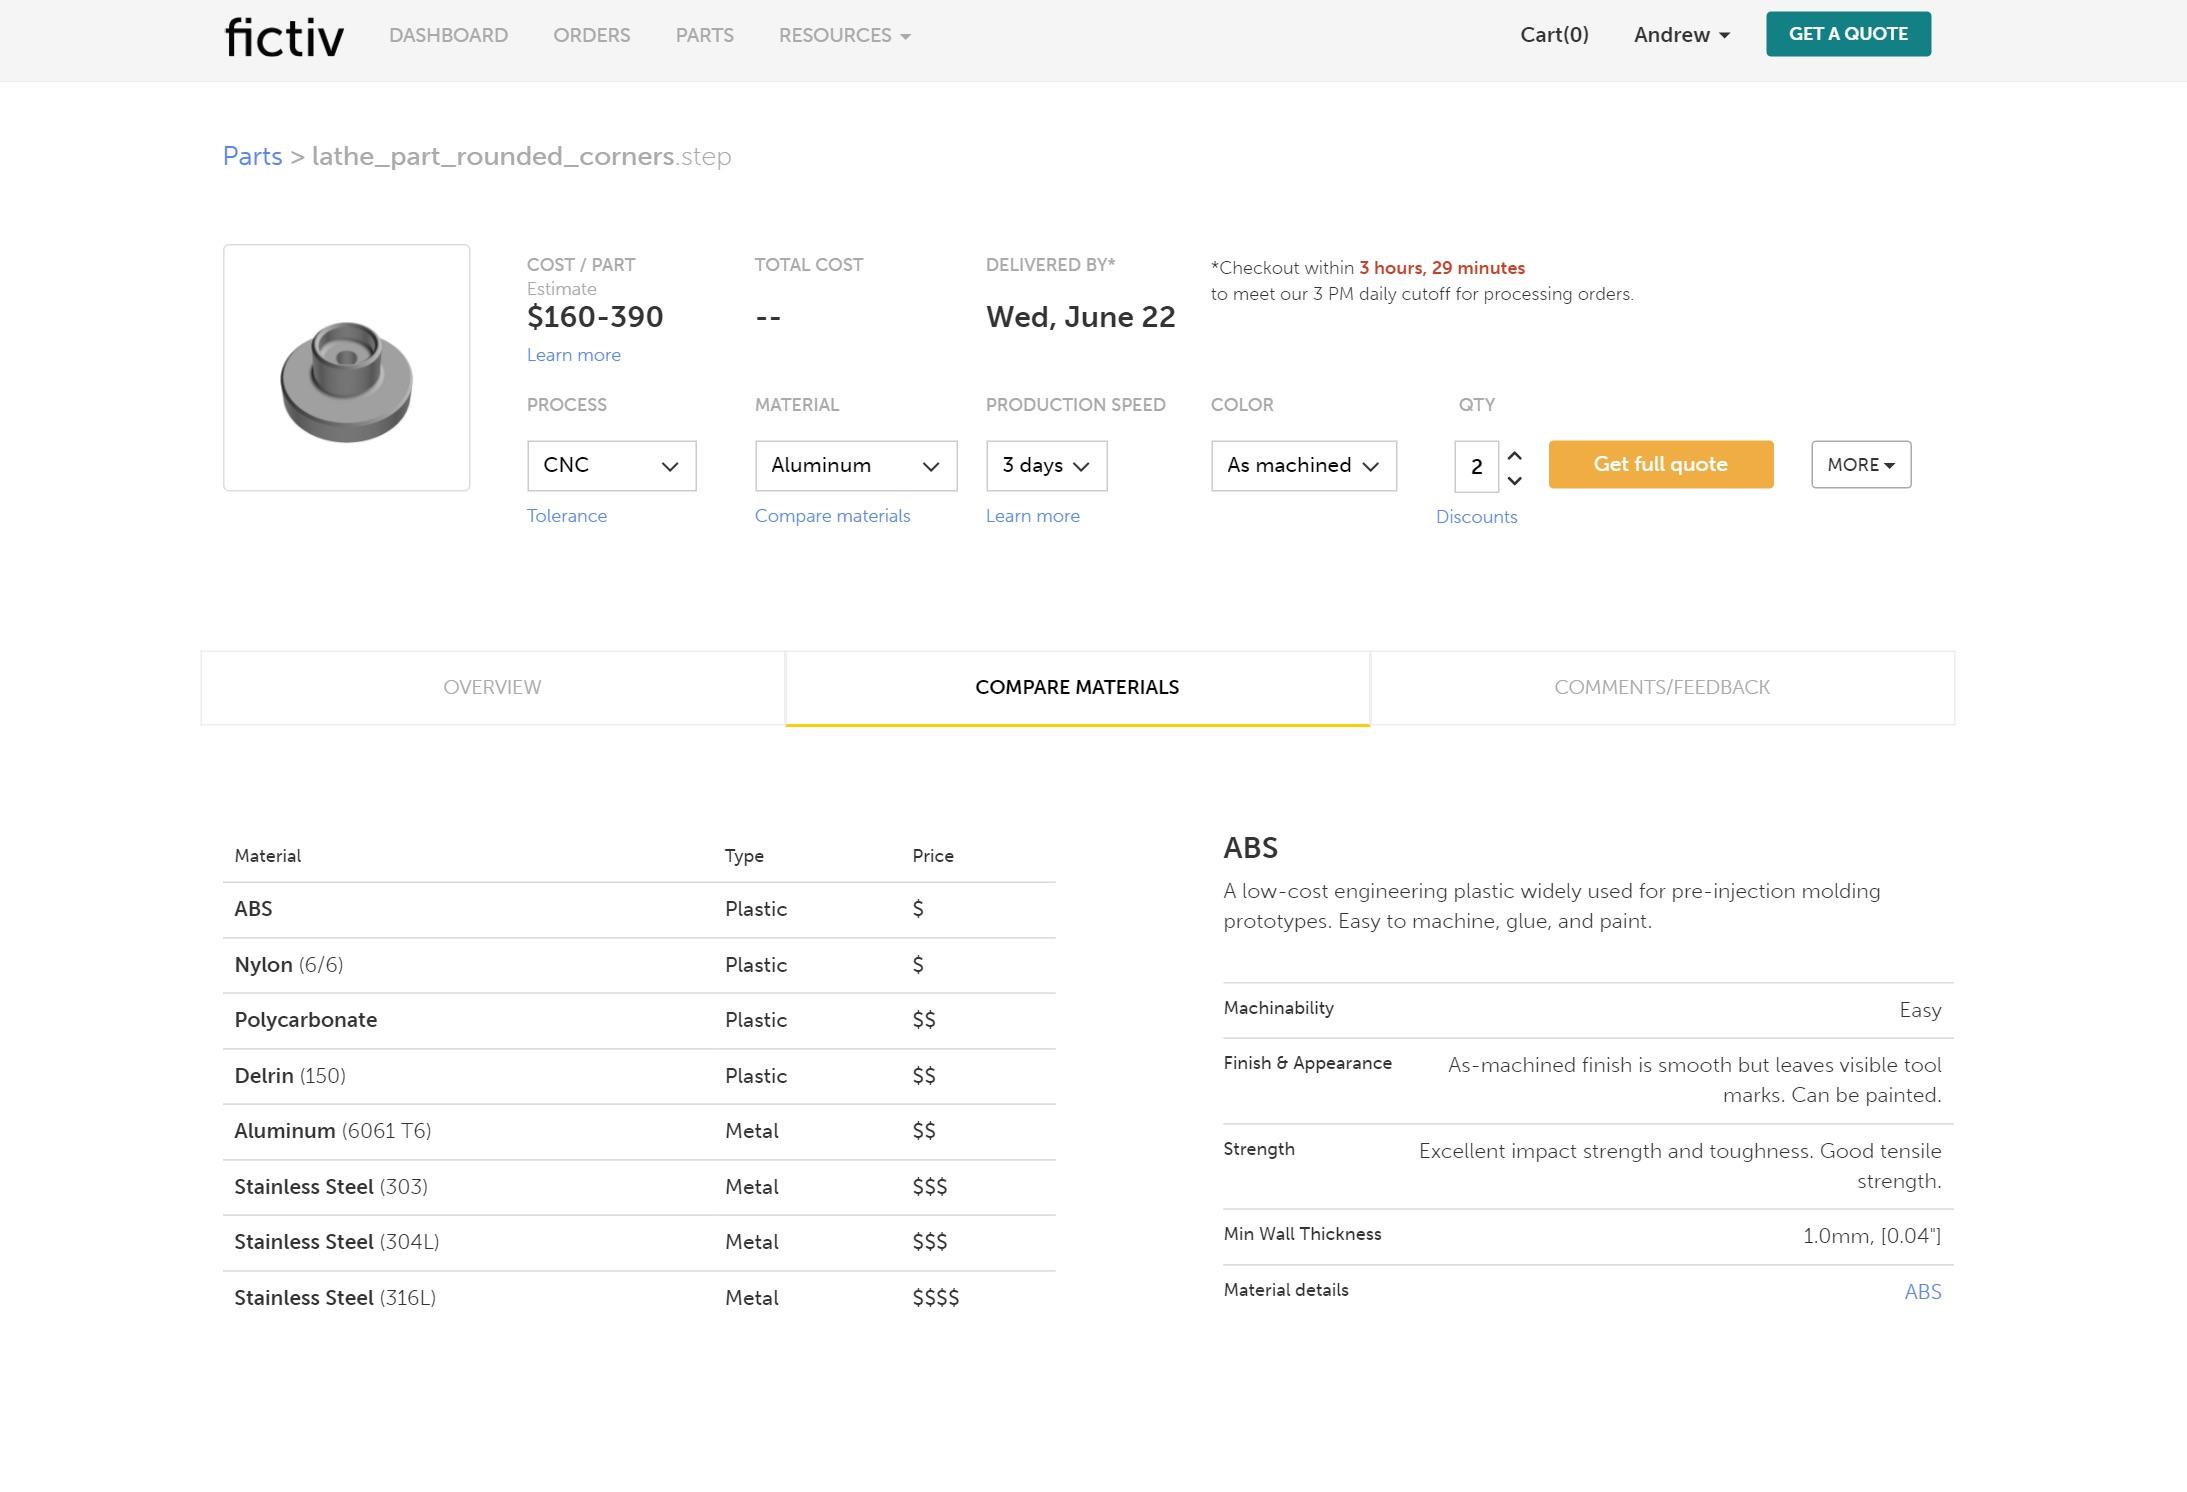 fictiv platform material comparison page